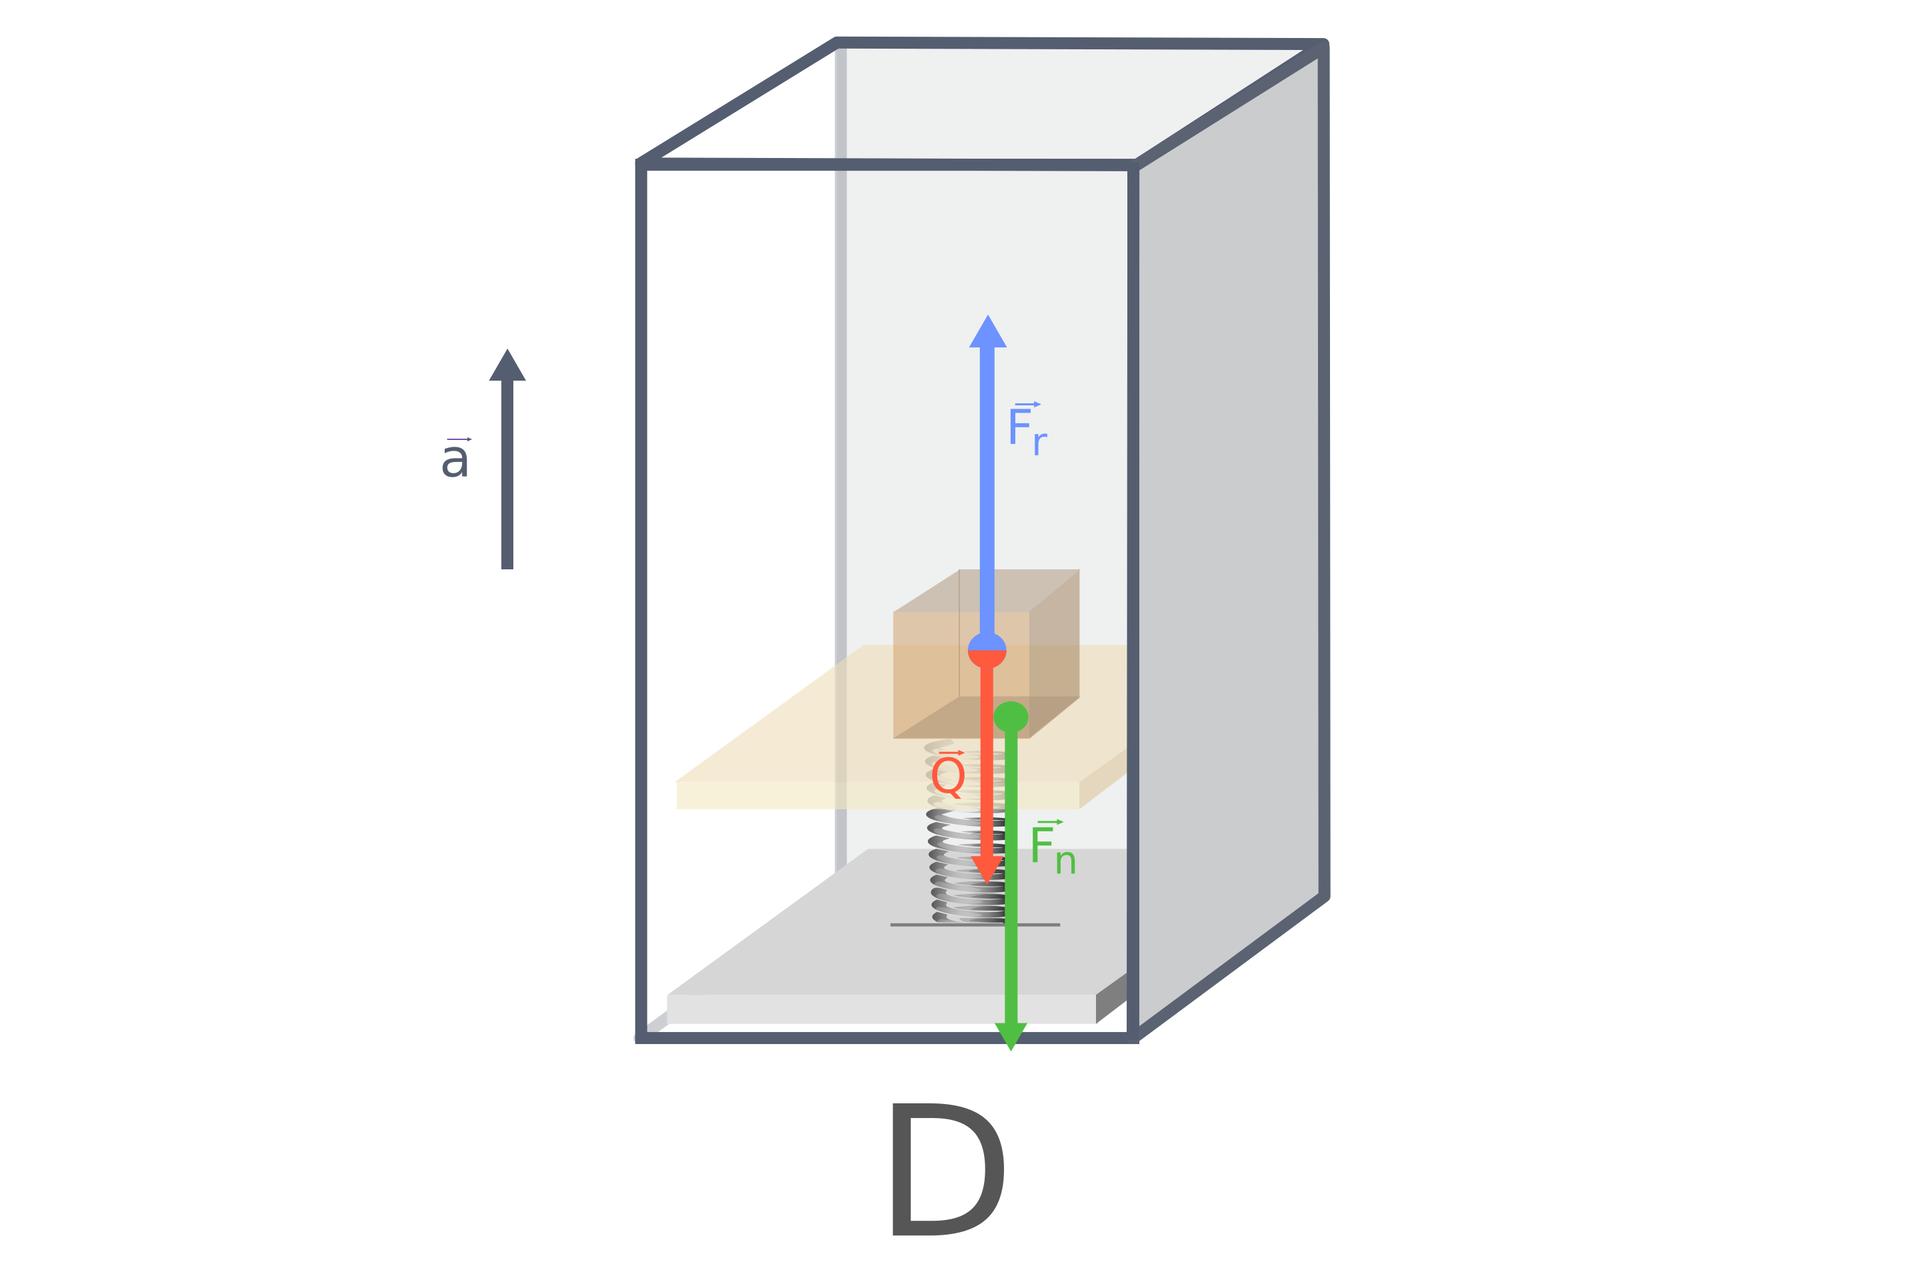 """Grafika obrazująca paczkę umieszczoną na szalce sprężynowej. Tło białe. Dwie kwadratowe płyty, jedna nad drugą, połączone sprężyną. Na górnej płytce znajduje się brązowy sześcian. Na dole wielka litera """"B"""". Od środka sześcianu wgórę iwdół poprowadzono dwie strzałki. Niebieska – skierowana do góry, podpisana """"F_r"""". Czerwona – skierowana wdół, podpisana """"Q"""". Od brzegu górnej płytki do dolnej płyty poprowadzono zieloną strzałkę, prostopadłą do płytek. Strzałka podpisana """"F_n"""". Cała szalka sprężynowa znajduje się wprzezroczystym prostopadłościanie ociemnoszarych brzegach. Po lewej stronie prostopadłościanu narysowano strzałkę zwróconą ku górze, prostopadłą do podłoża. Obok strzałki znajduje się litra """"a"""" zmałą strzałką nad literą, równoległą do podłożona, zwróconą wprawo. Na dole ilustracji wielka litera """"D""""."""